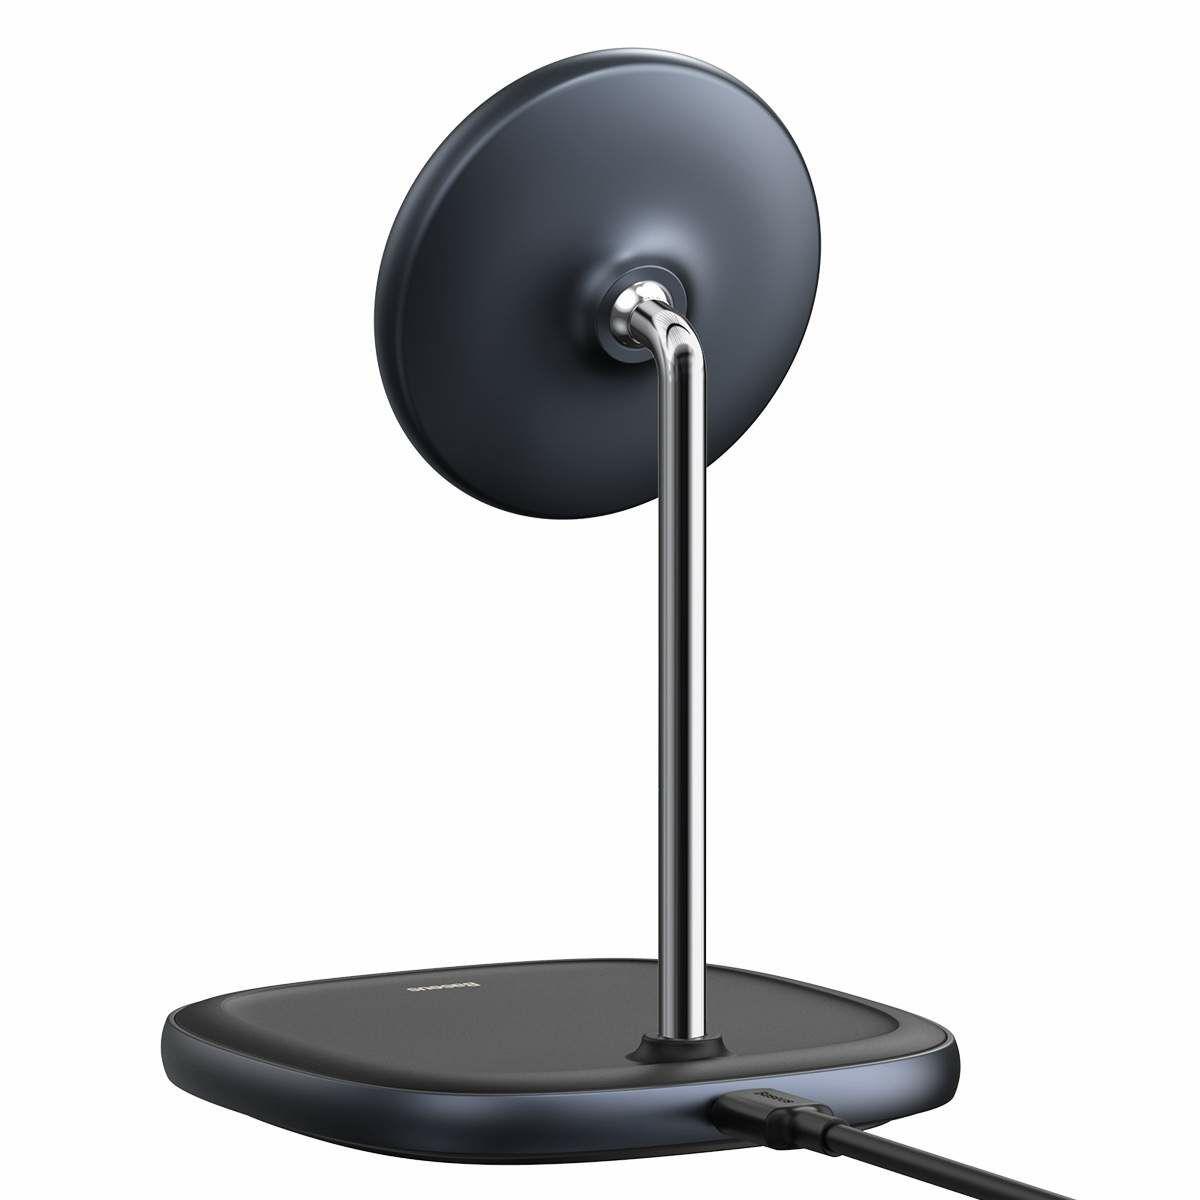 Baseus vezeték nélküli töltő, Swan Magnetic asztali konzol, iPhone 12 modellhez, 15W, fekete (WXSW-01)